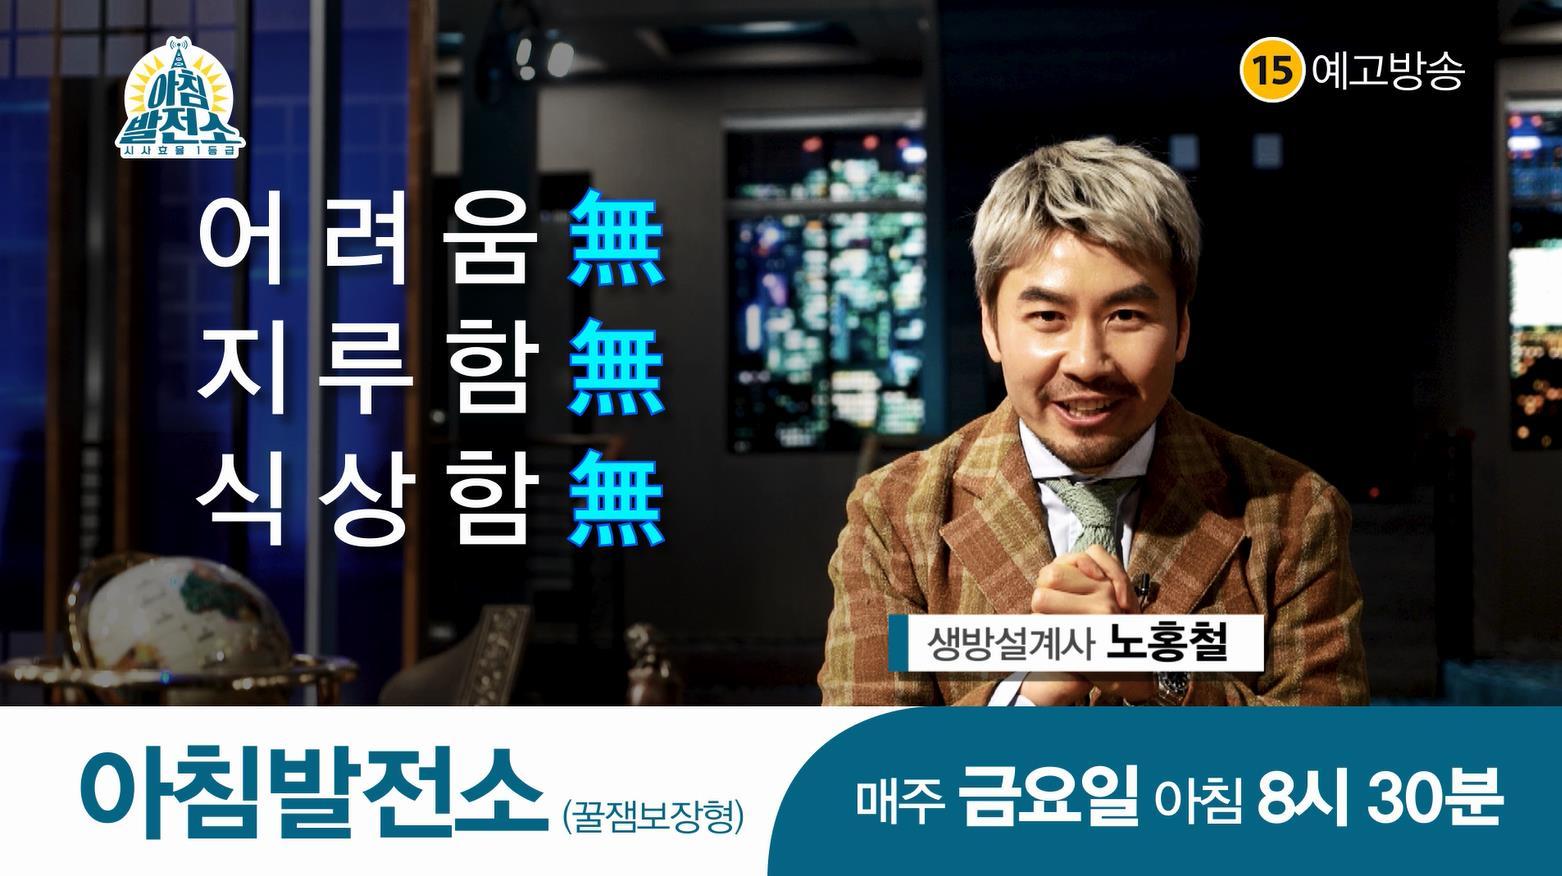 """'아침발전소' 신인류보고서 """"新 도를 아십니까?"""""""